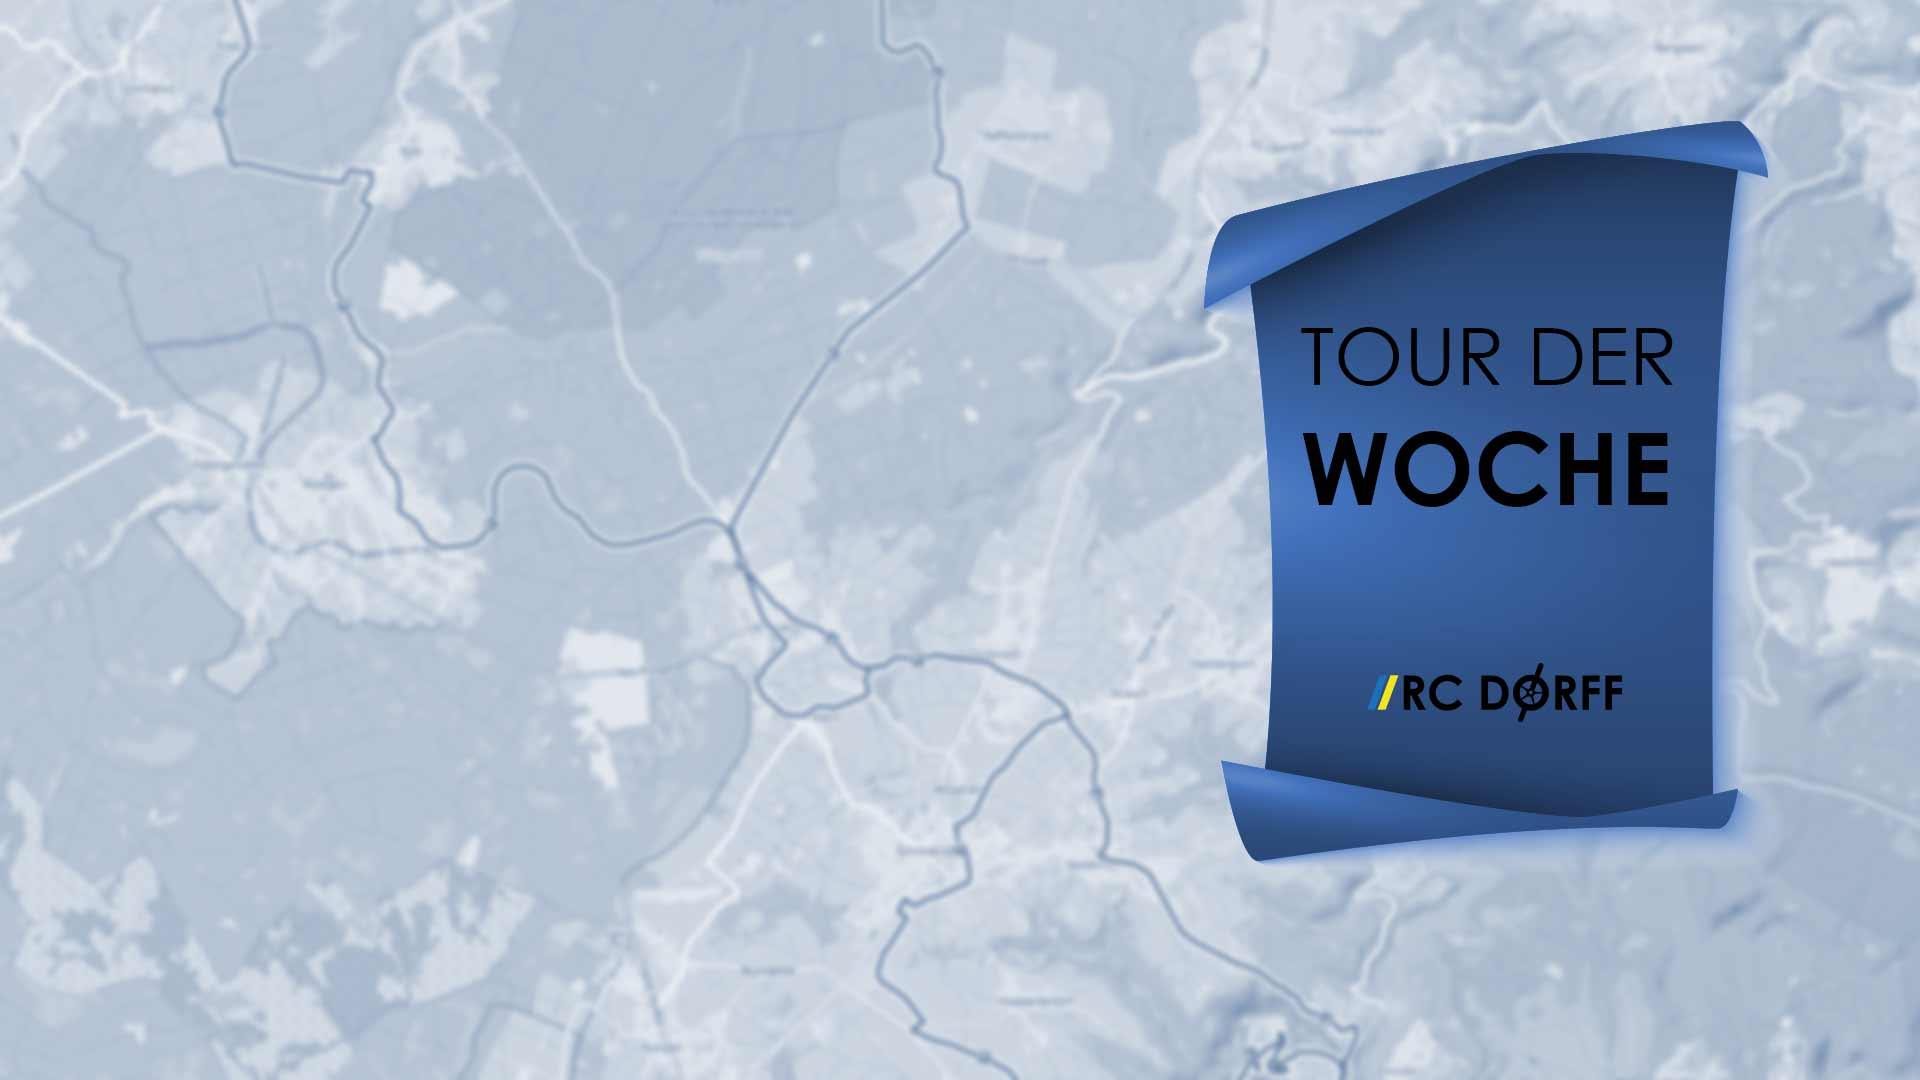 RC Dorff Tour der Woche